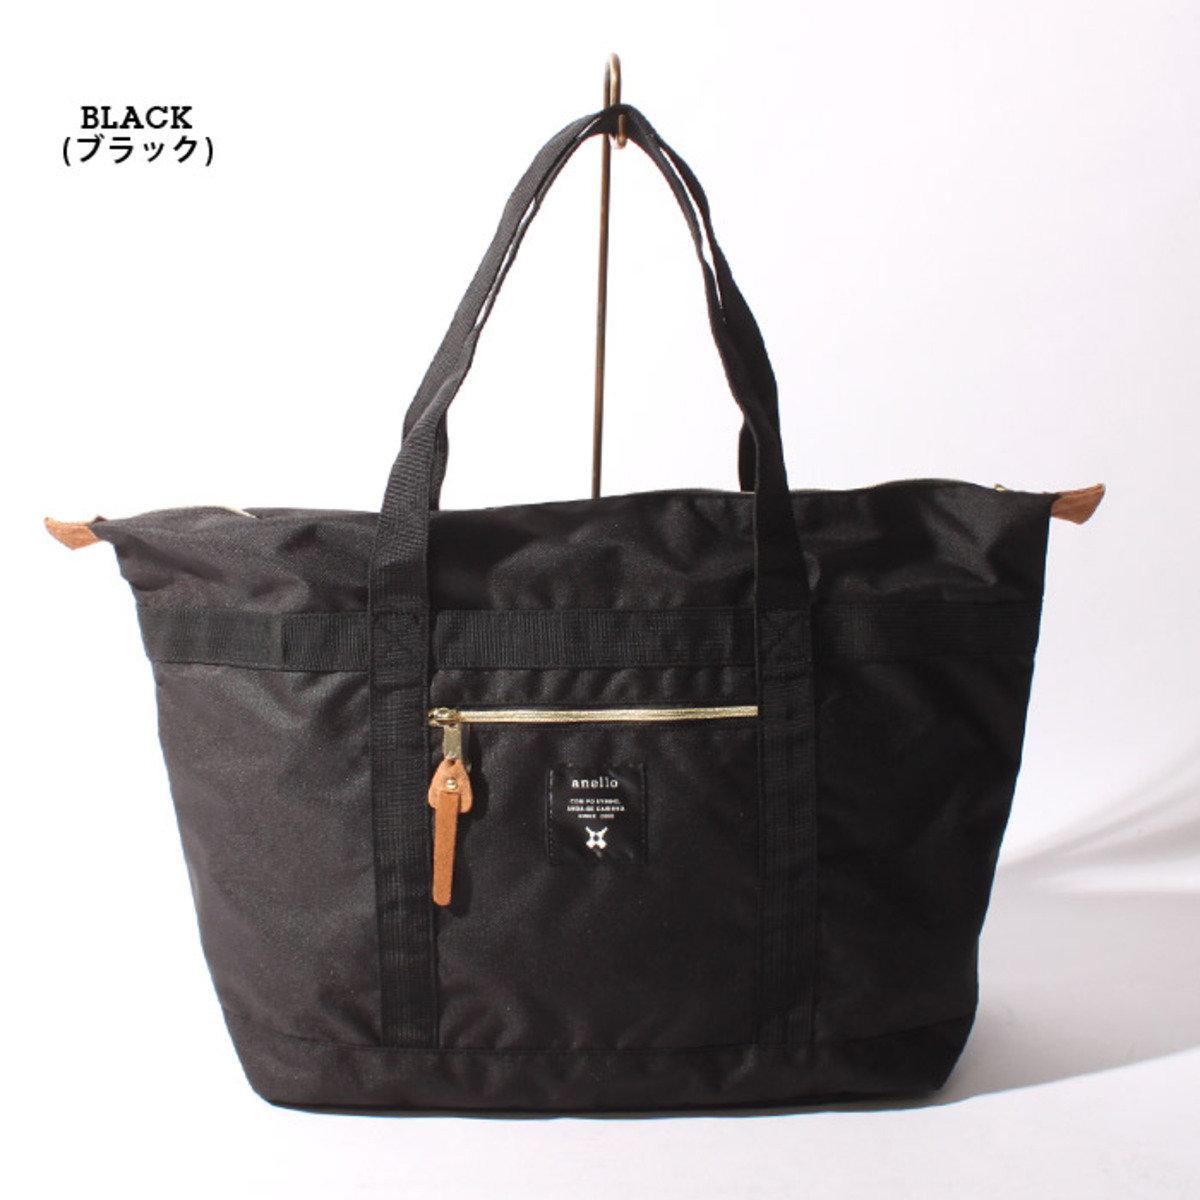 輕量帆布肩揹大袋 AT-B0196-BK-黑色